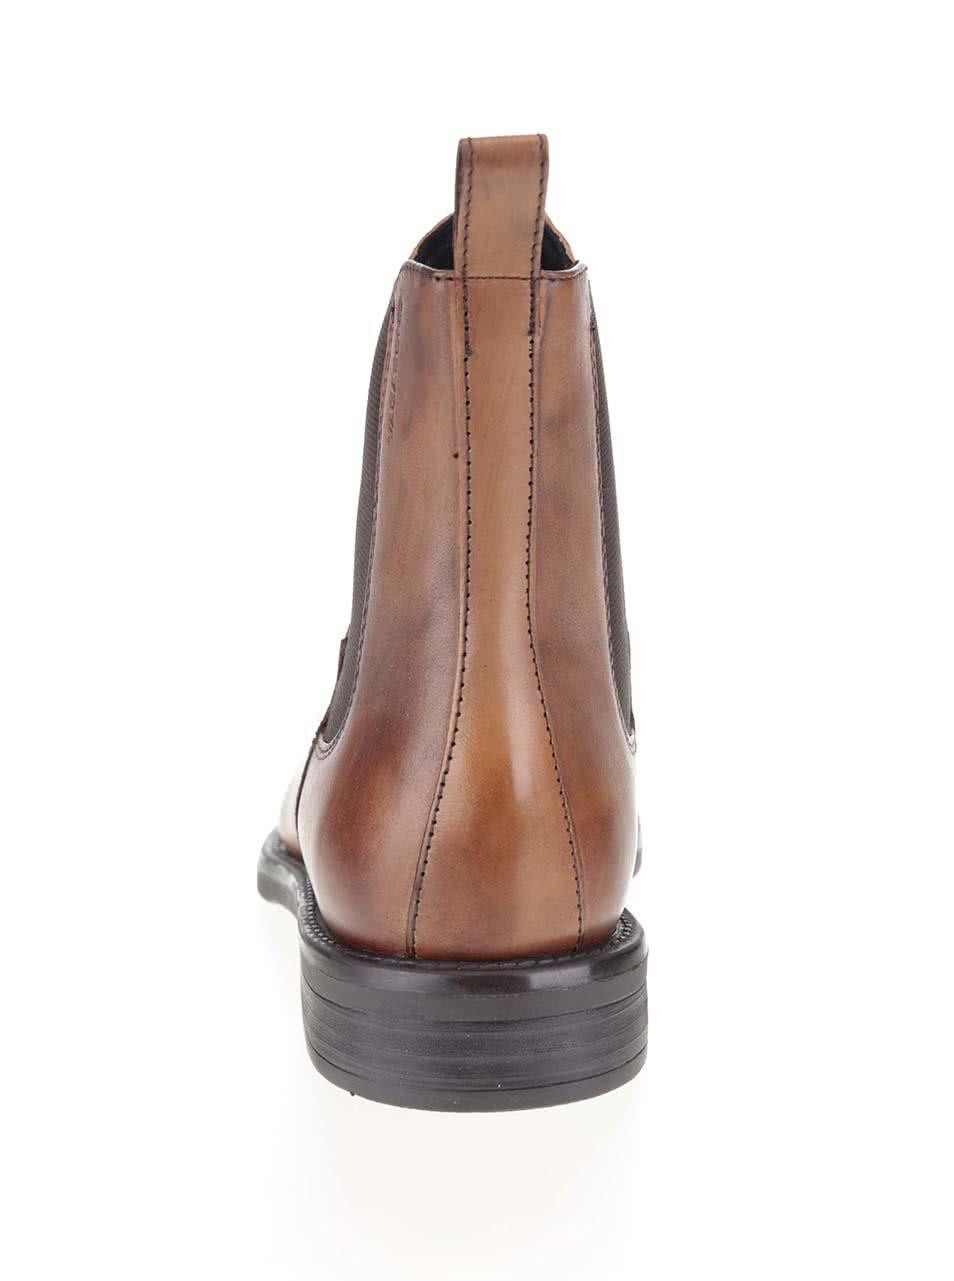 cd8cf81182e Hnědé dámské kožené chelsea boty Vagabond Amina ...